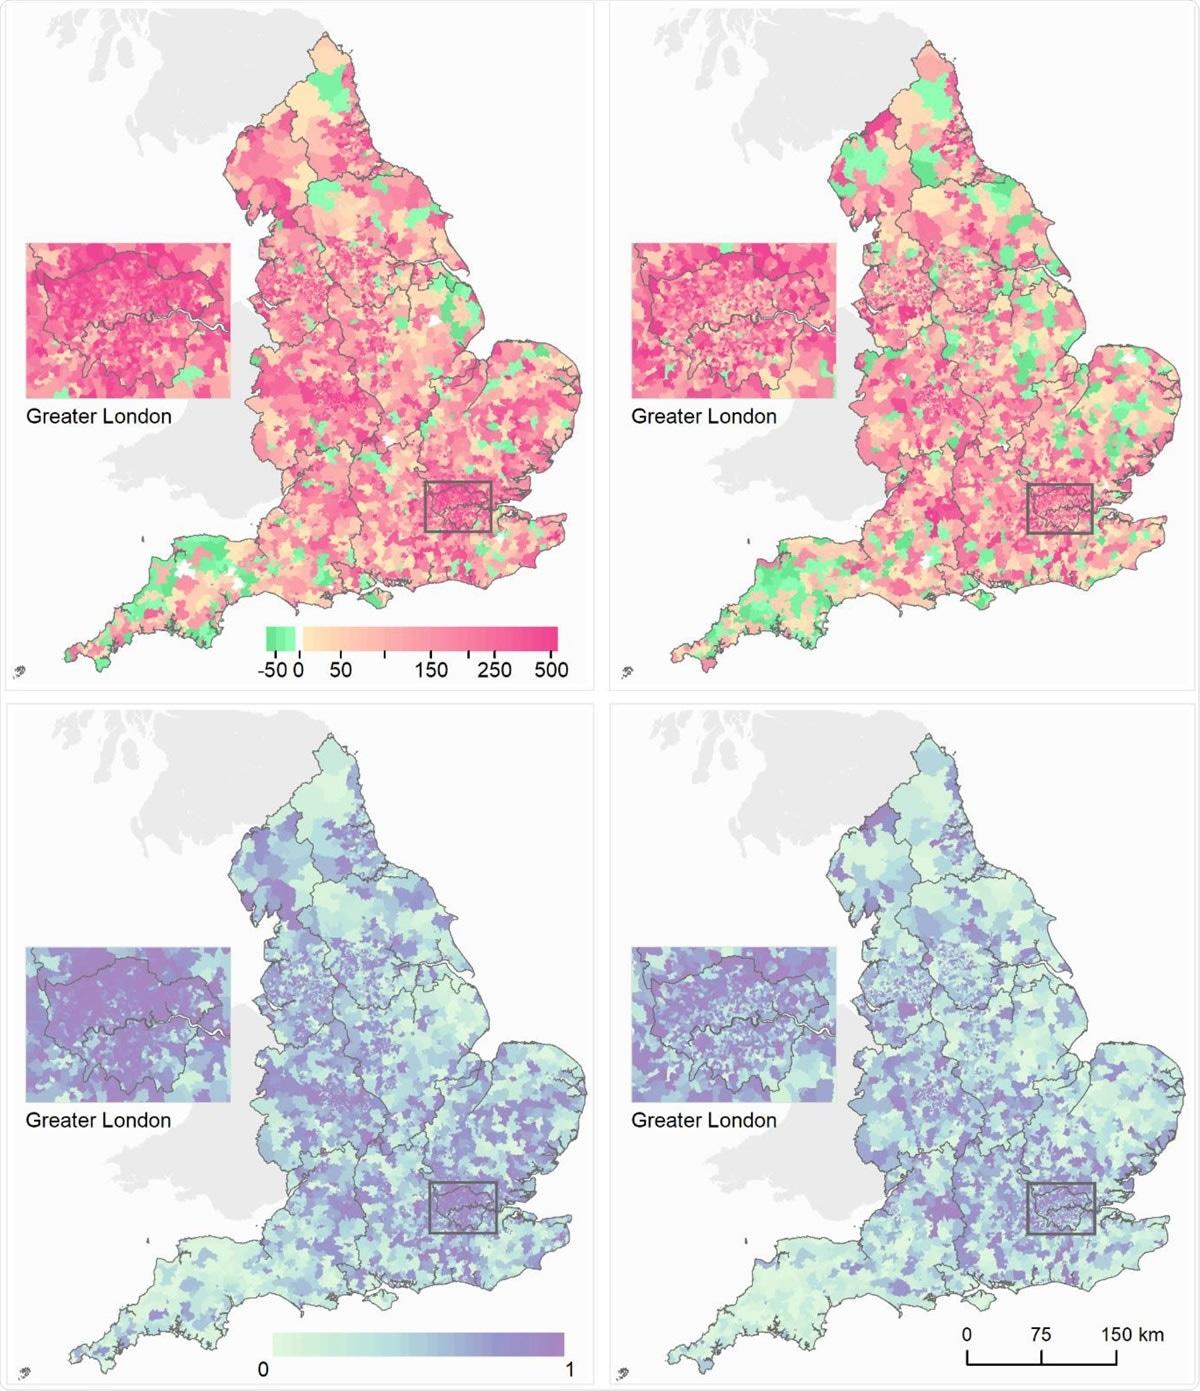 Os mapas de áreas de saída super médias em Inglaterra que mostra mortes adicionais por 100.000 povos envelheceram 40 anos e sobre. (a) As mortes adicionais por 100.000 homens (deixados) /females (direito) compararam do 1º de março ao 31 de maio de 2020 ao mesmo período pelos cinco anos de precedência. (b) Probabilidade traseiro essa mortes adicionais > 0. As características da comunidade do MSOAs eram: % da população no apoio de renda; densidade populacional; % da população não-Branca; % da população que vive em HOME abarrotado; poluição do ar (NO2 e PM2.5); HOME do cuidado pela população 1.000. Nós traçamos a probabilidade traseiro que mede a extensão a que uma avaliação do excesso/menos mortes é provável ser um aumento/diminuição verdadeiros. Onde a distribuição traseiro inteira de mortes adicionais calculadas para um MSOA é maior de zero, há uma probabilidade traseiro de ~1 de um aumento verdadeiro, e inversamente onde a distribuição traseiro inteira é menos de zero há uma probabilidade traseiro de ~0 de um aumento verdadeiro. Esta probabilidade traseiro seria ~0,5 em um MSOA em que um aumento é estatìstica indistinguível de uma diminuição.